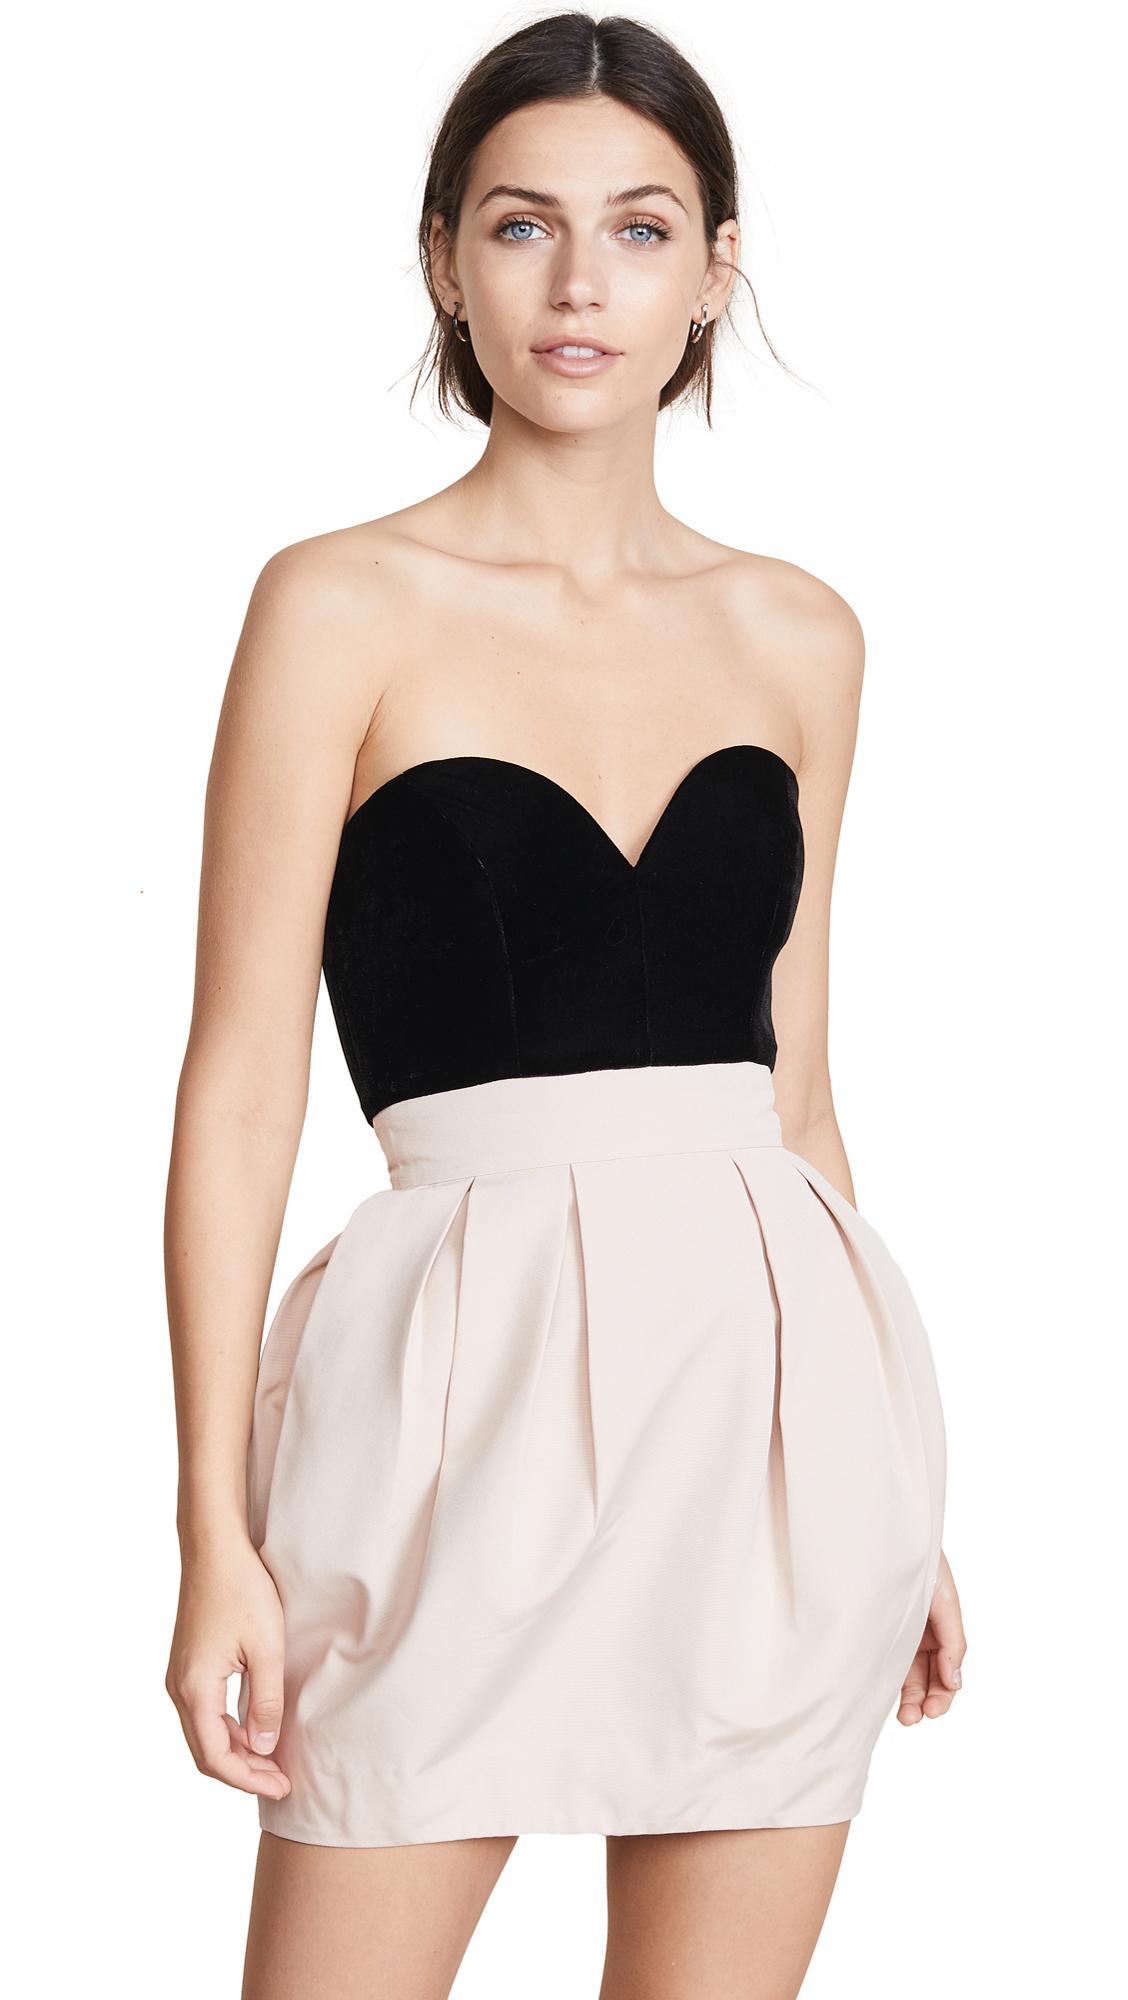 VATANIKA Strapless Bustier Dress in Black/Pink